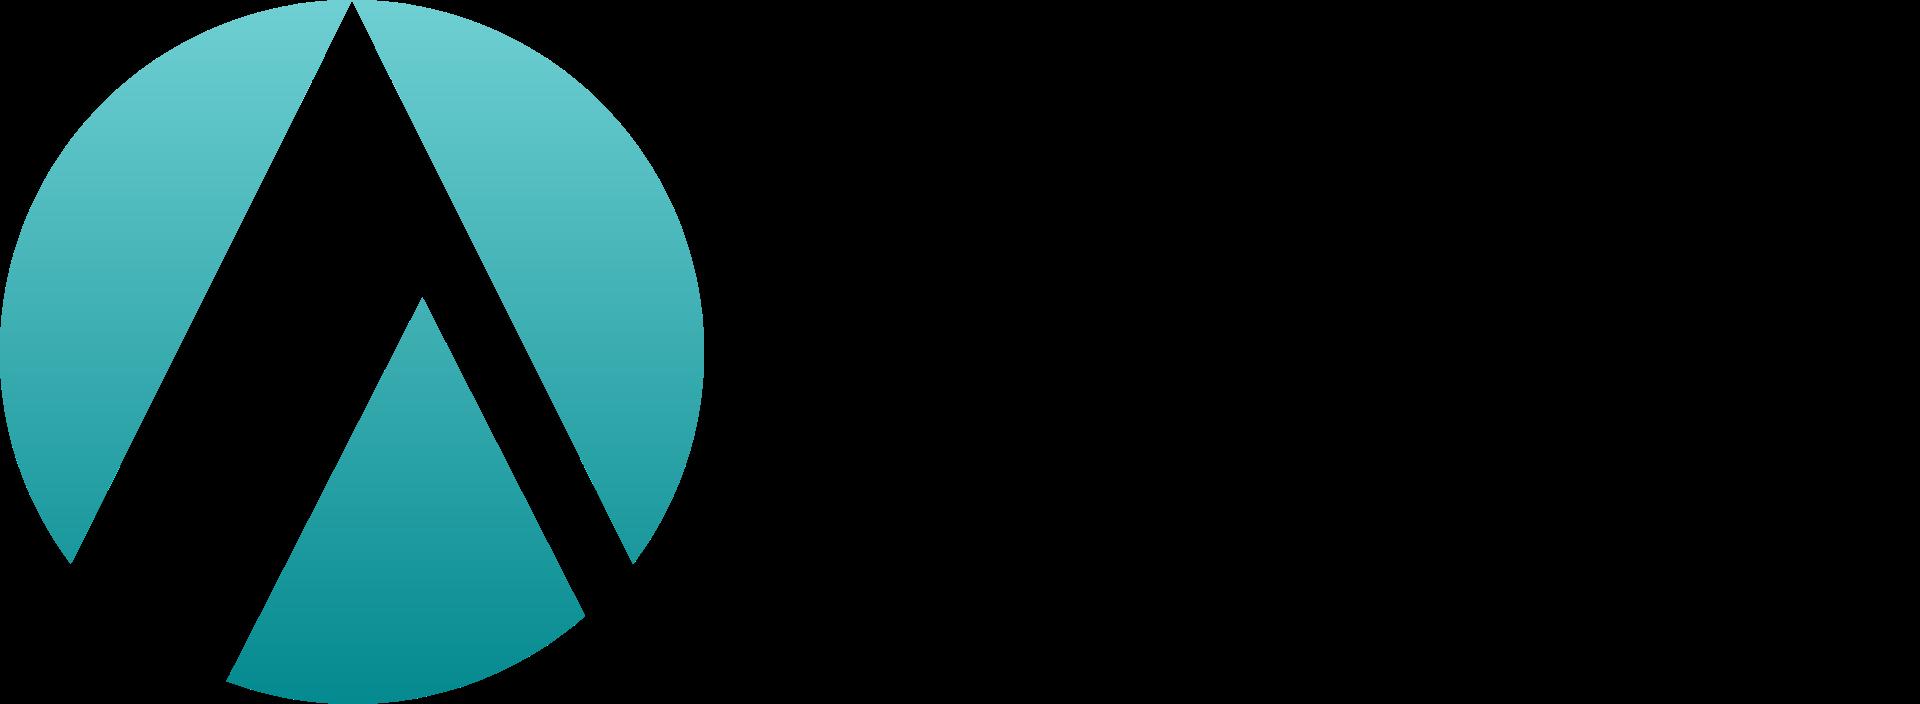 Aserto Inc. logo